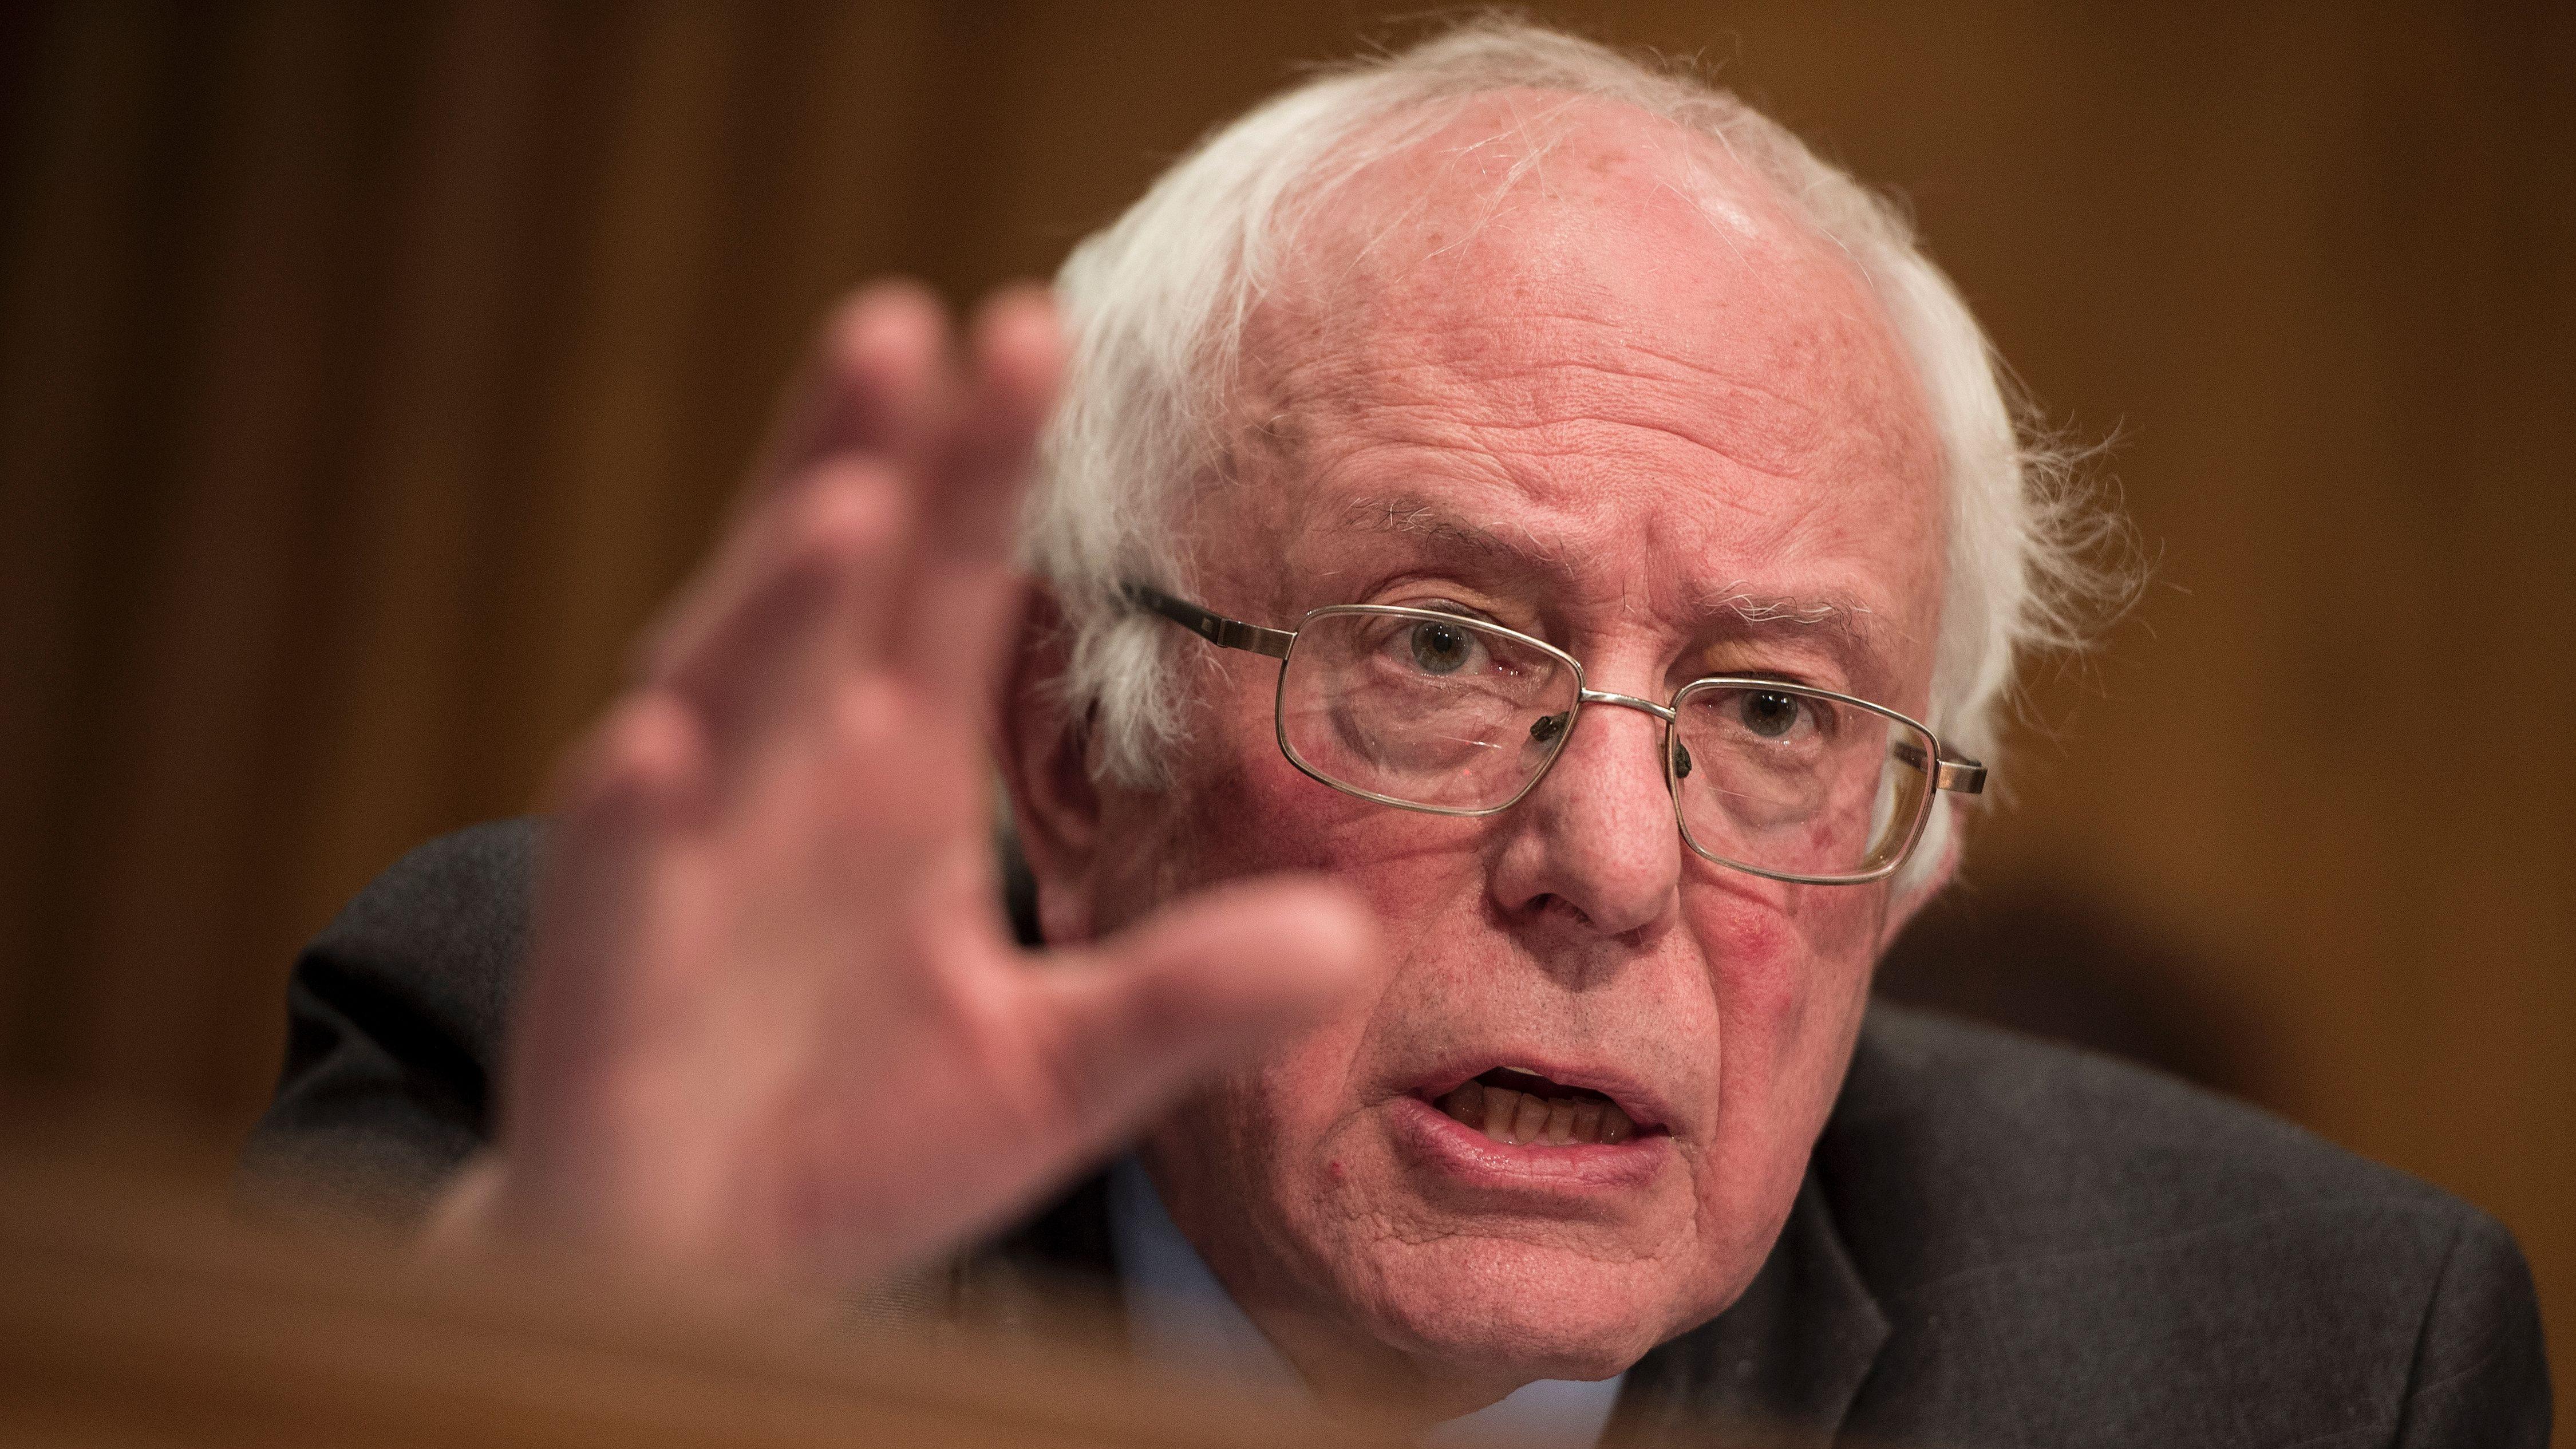 Bernie Sanders Ted Cruz Debate, Debate Night in America, Cruz Sanders Debate